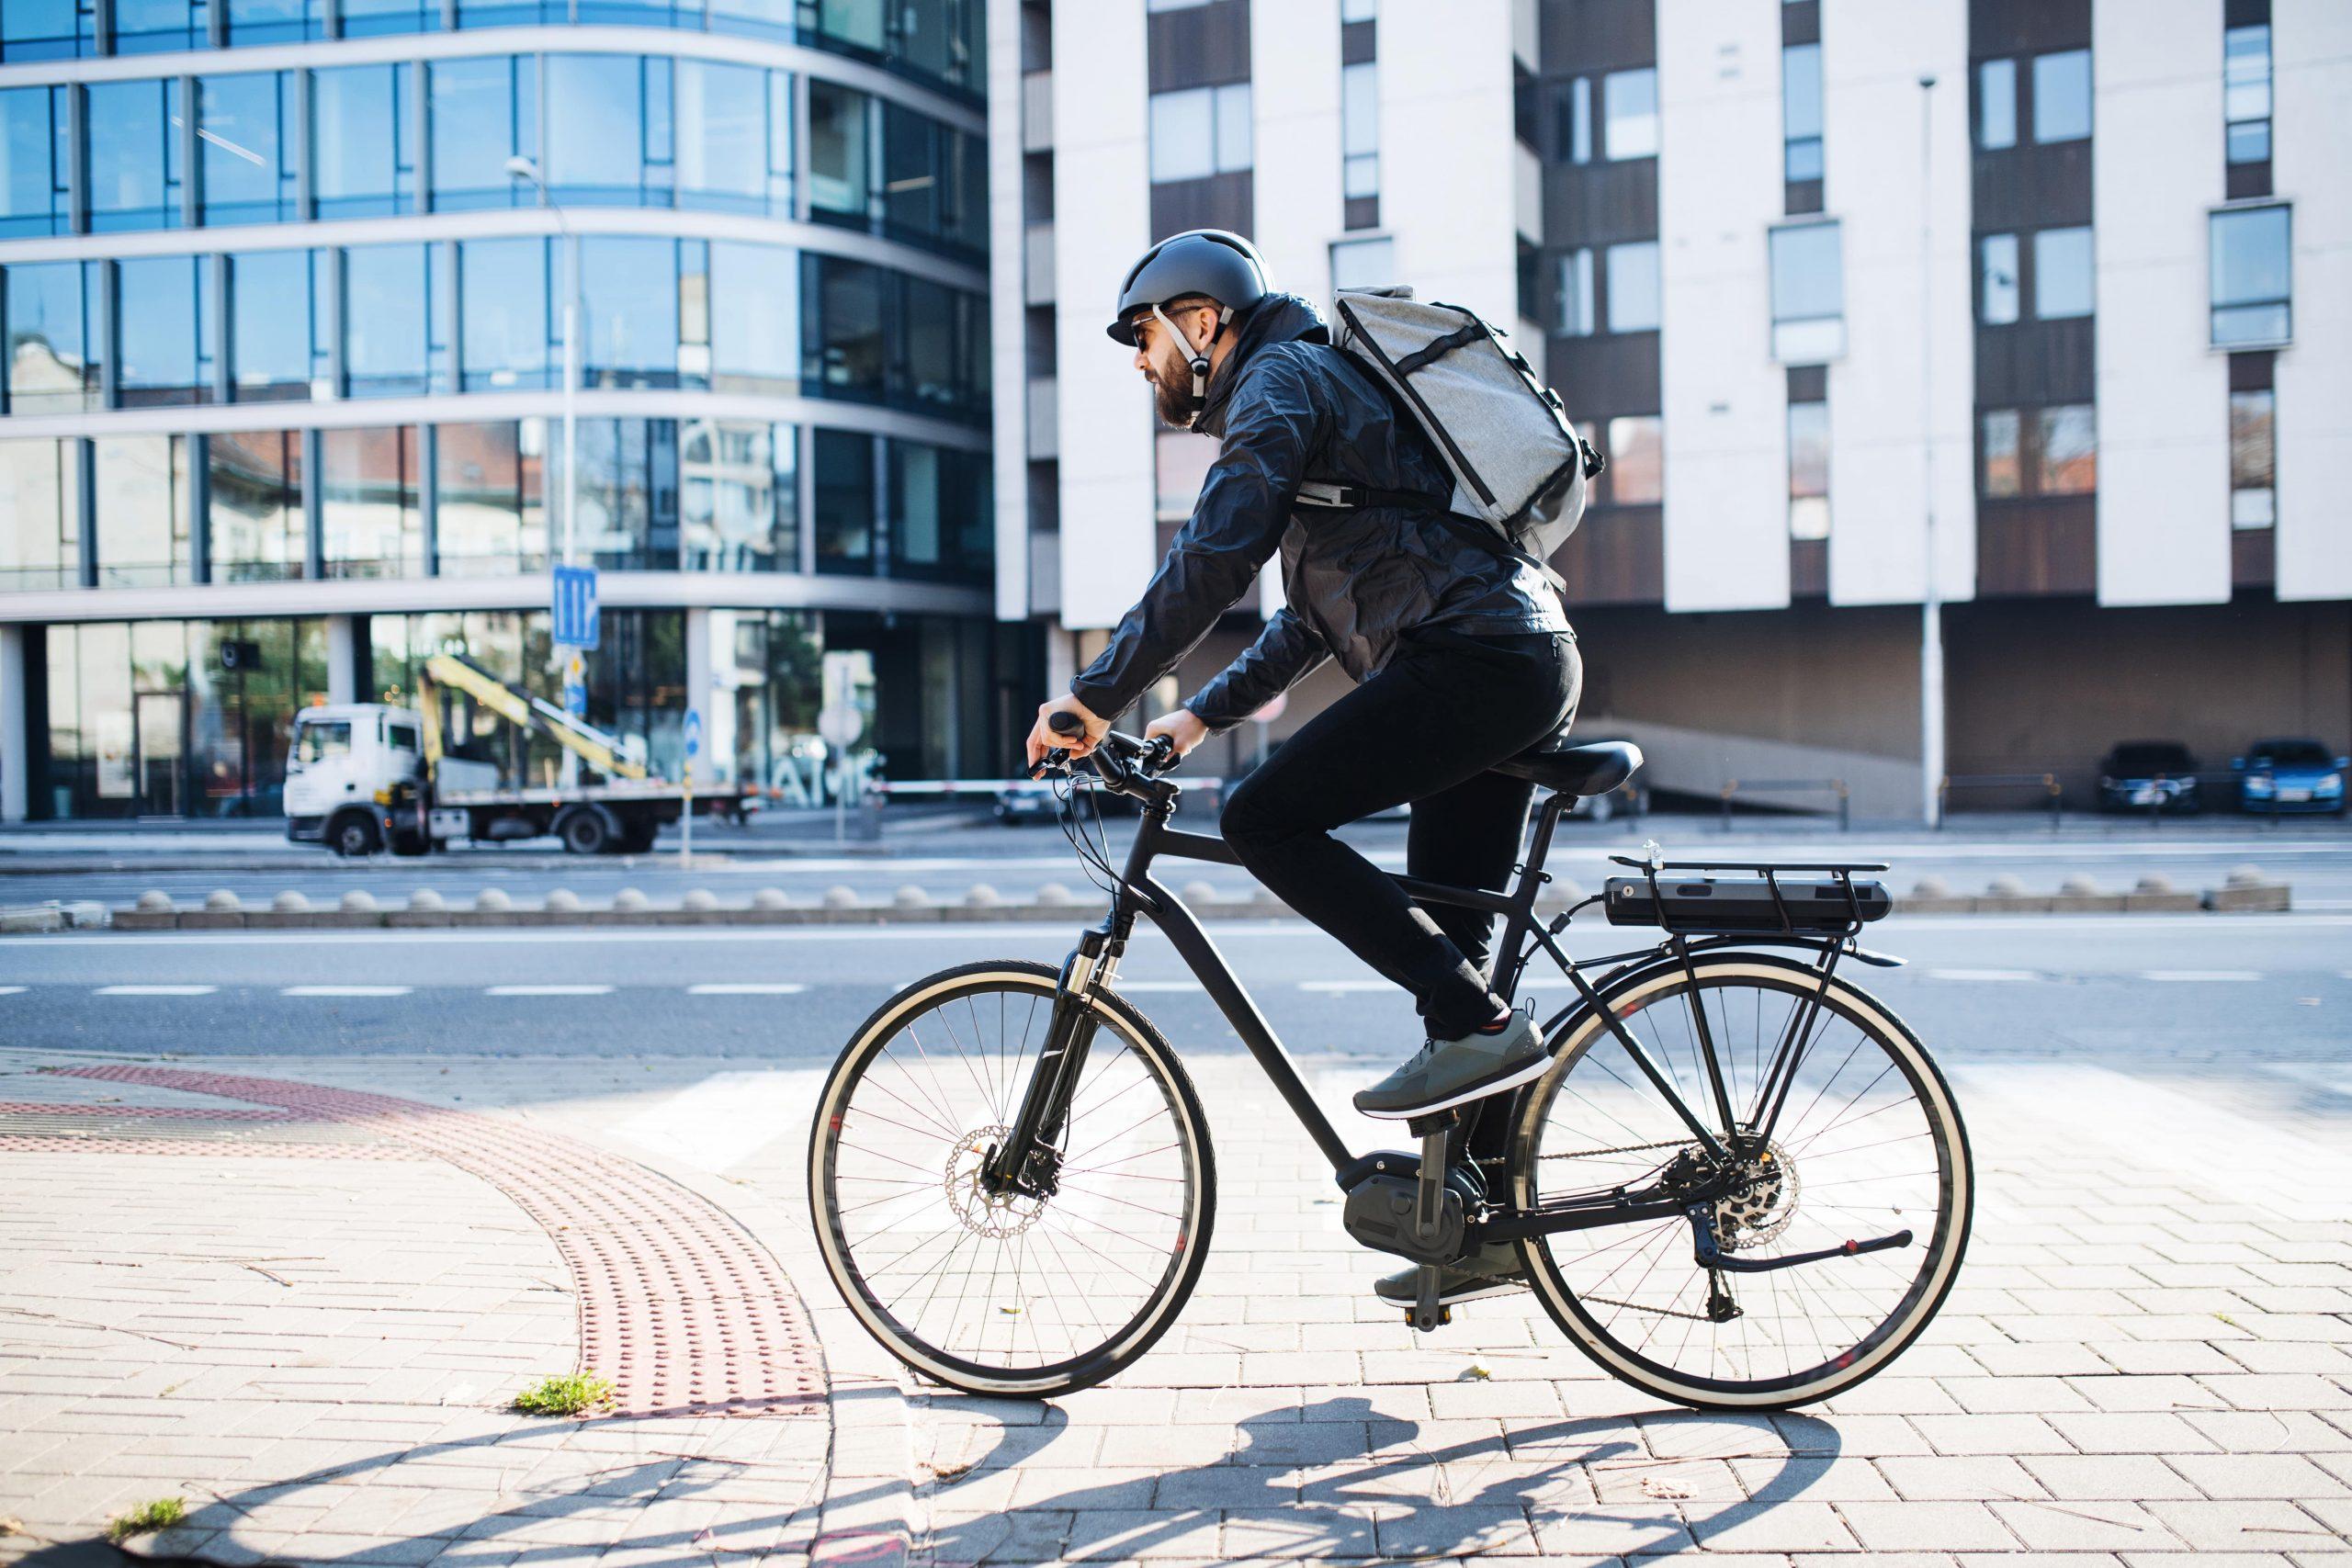 Cycliste en ville